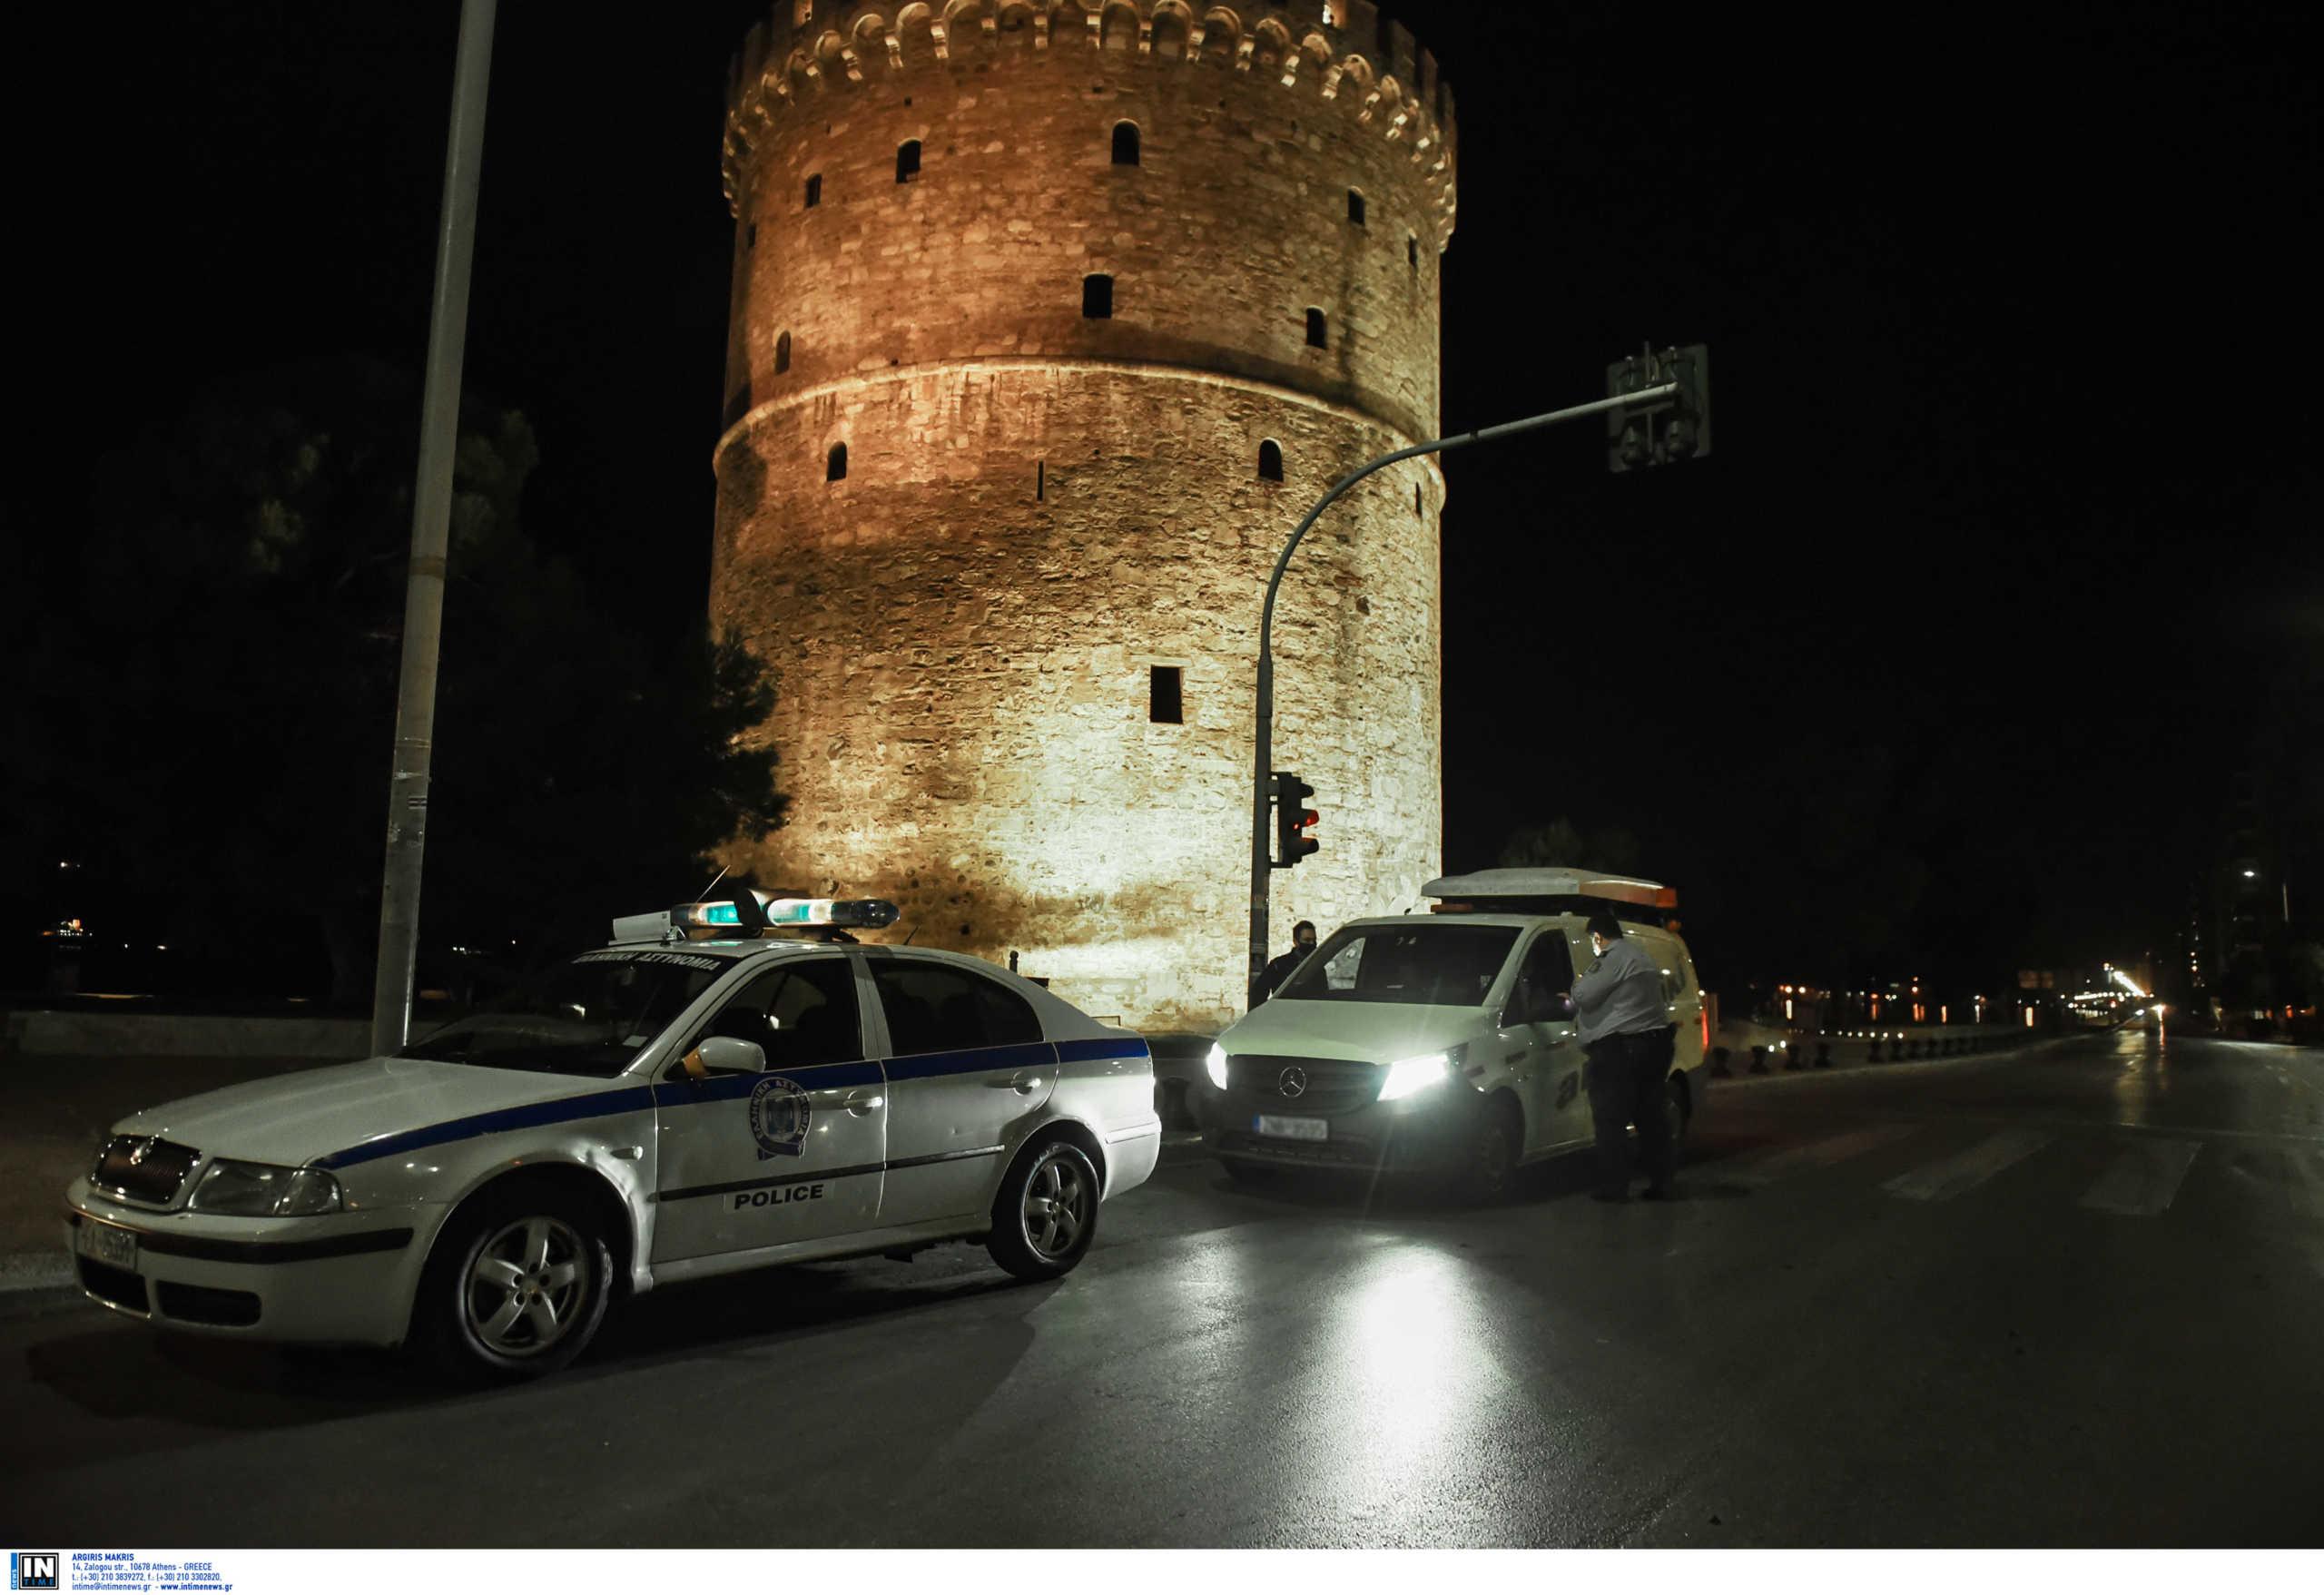 Κορονοϊός: Συνεδριάζει η Επιτροπή Εμπειρογνωμόνων για τη Θεσσαλονίκη – Πρόσω ολοταχώς για lockdown